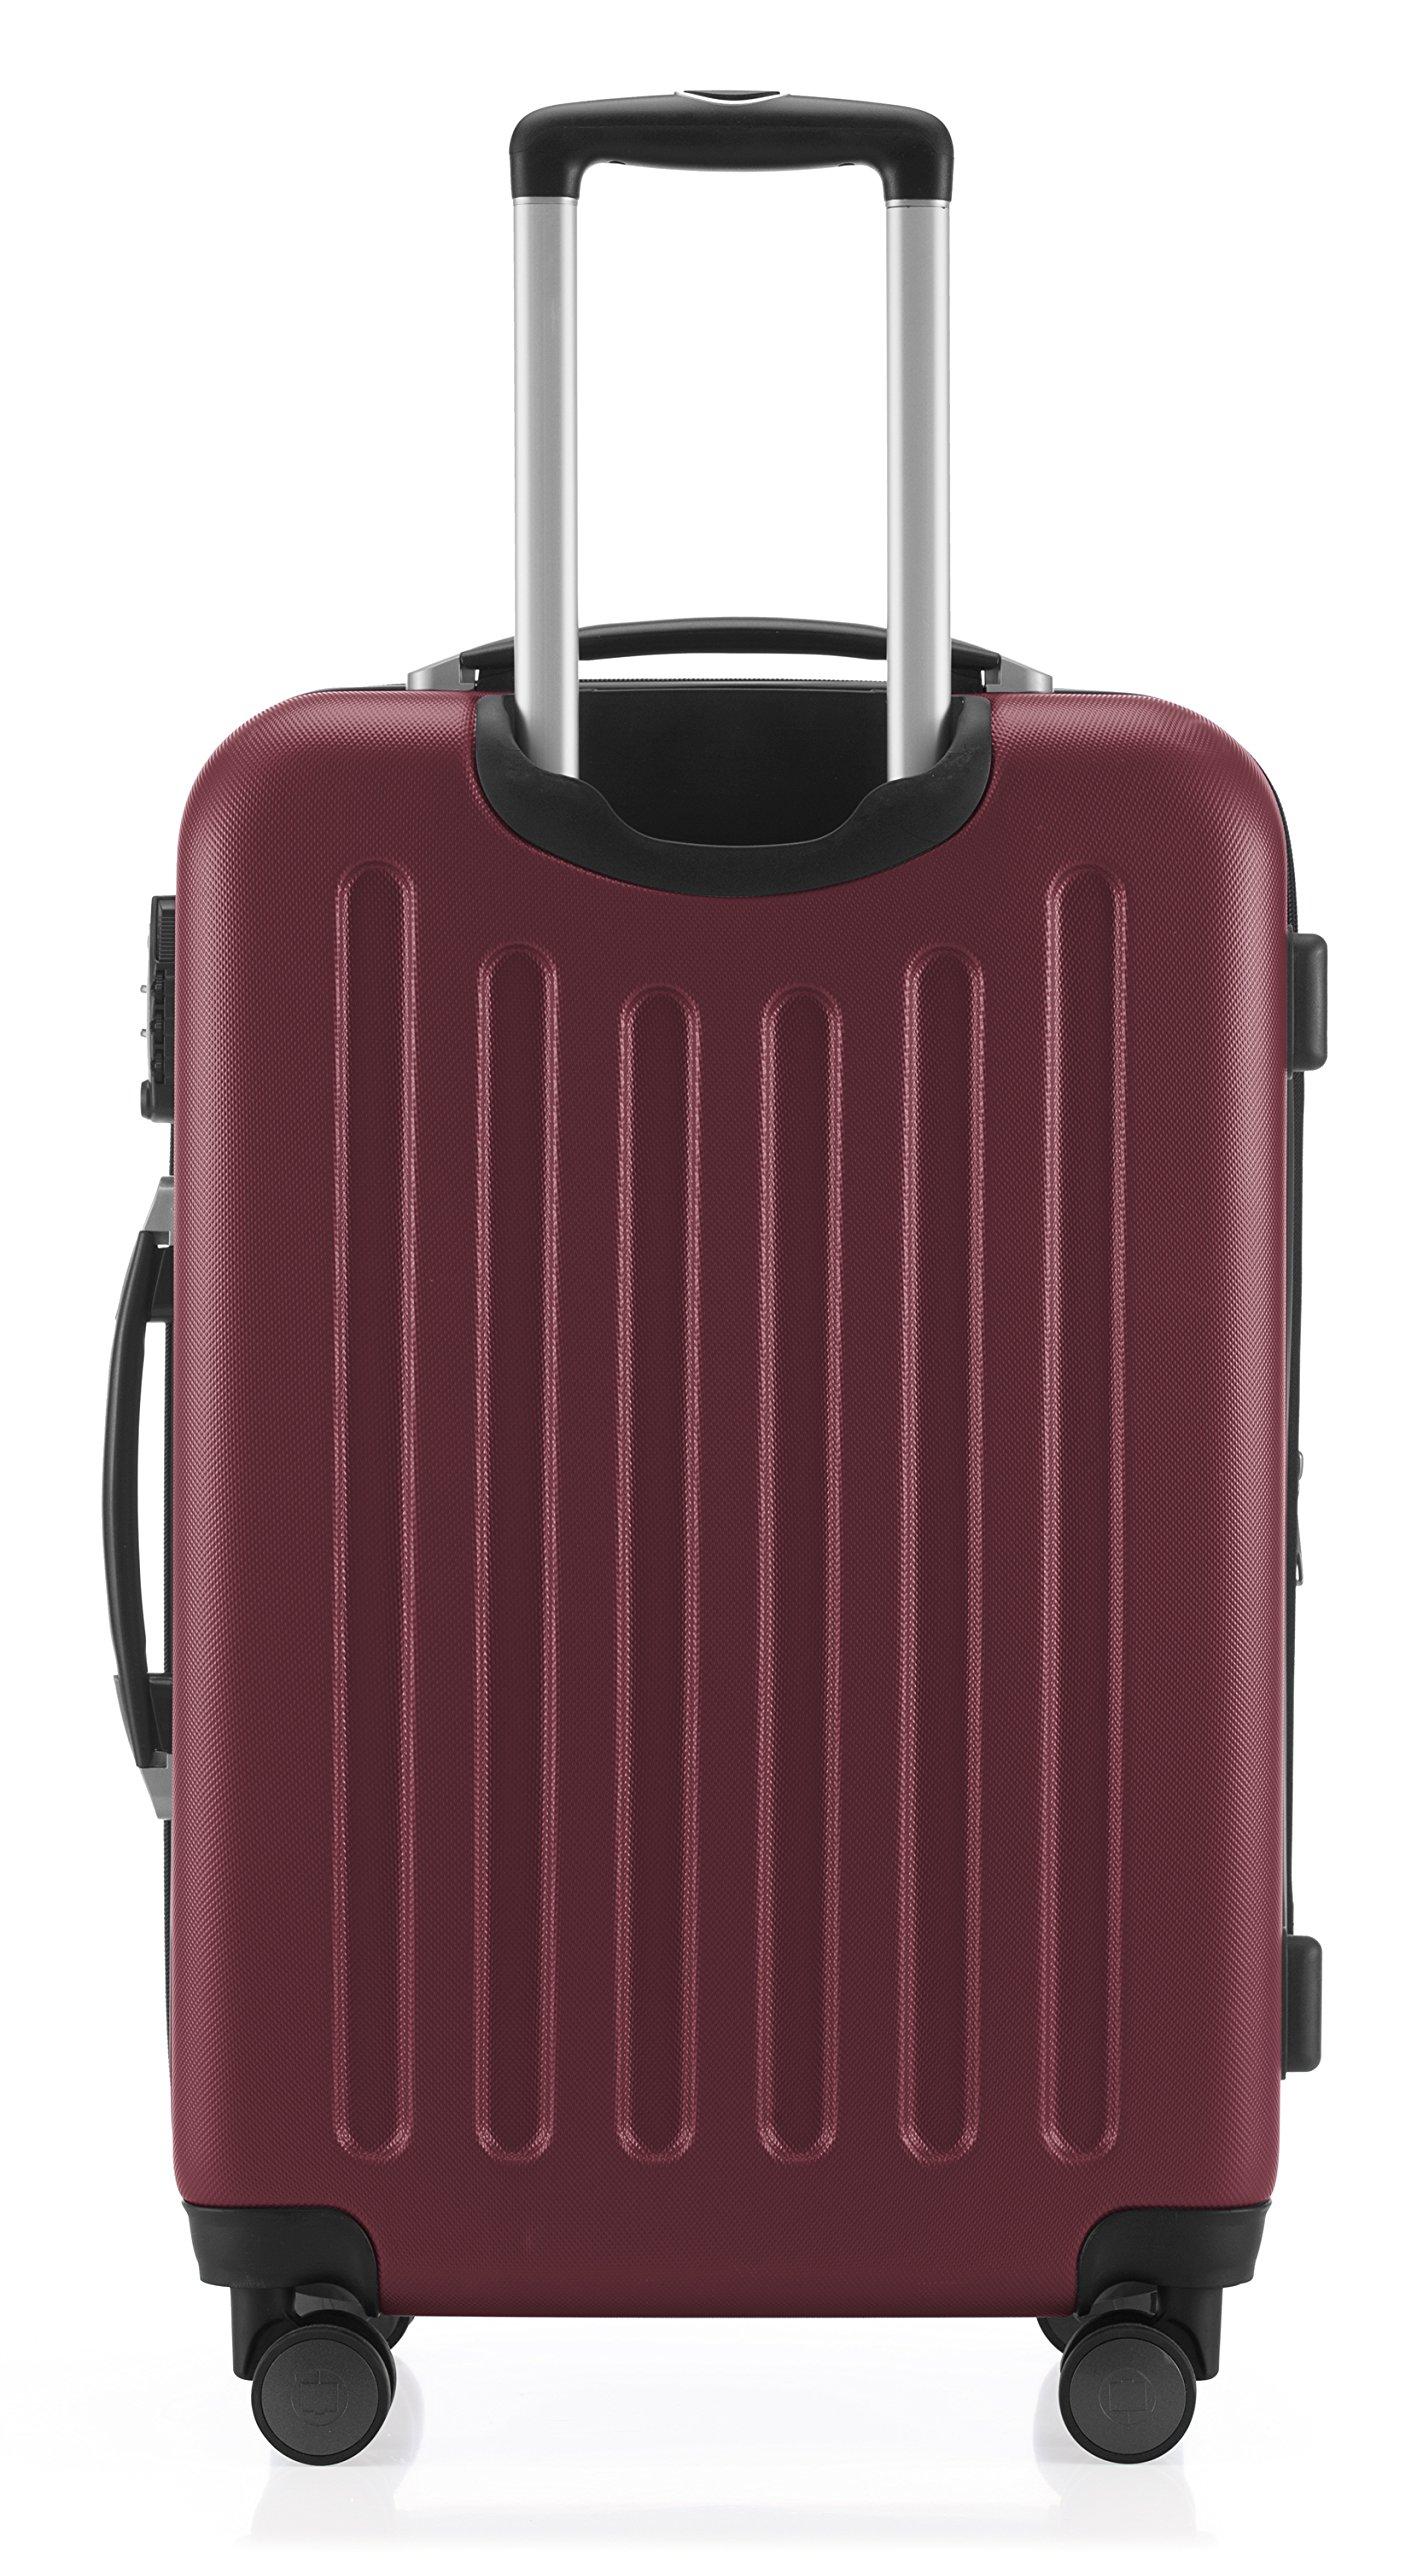 HAUPTSTADTKOFFER-Spree-Hartschalen-Koffer-Koffer-Trolley-Rollkoffer-Reisekoffer-Erweiterbar-TSA-4-Rollen-65-cm-74-Liter-Burgund